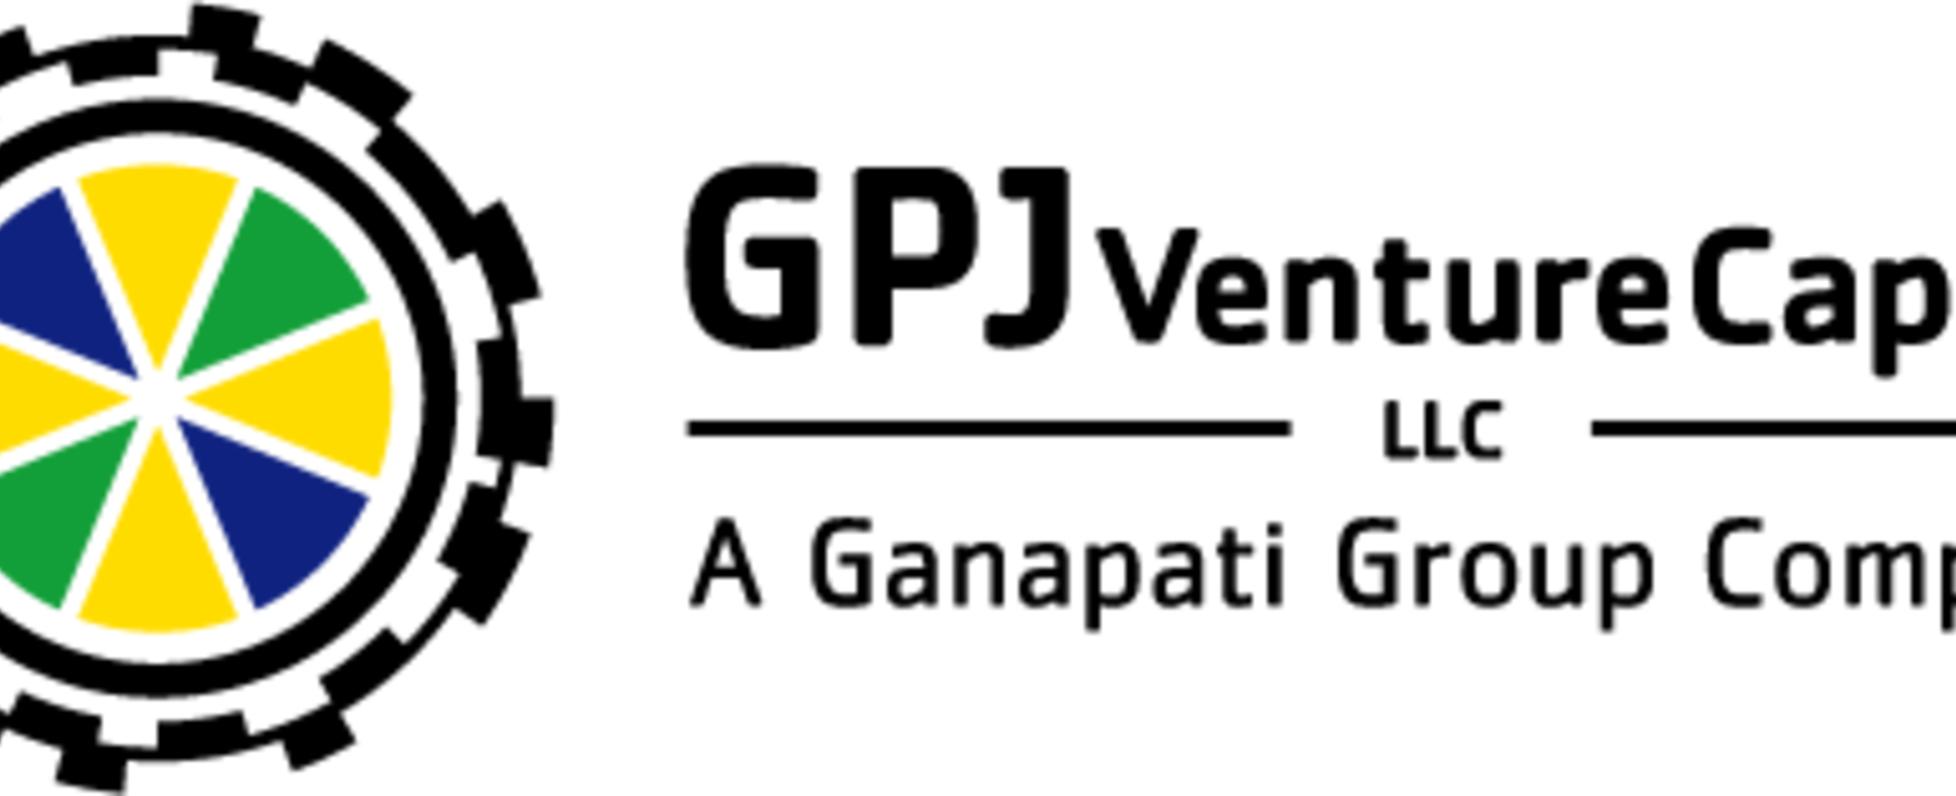 合同 会社 gpj ベンチャー キャピタル 報道発表(令和2年)―金融商品取引業等関係:証券取引等監視委員会